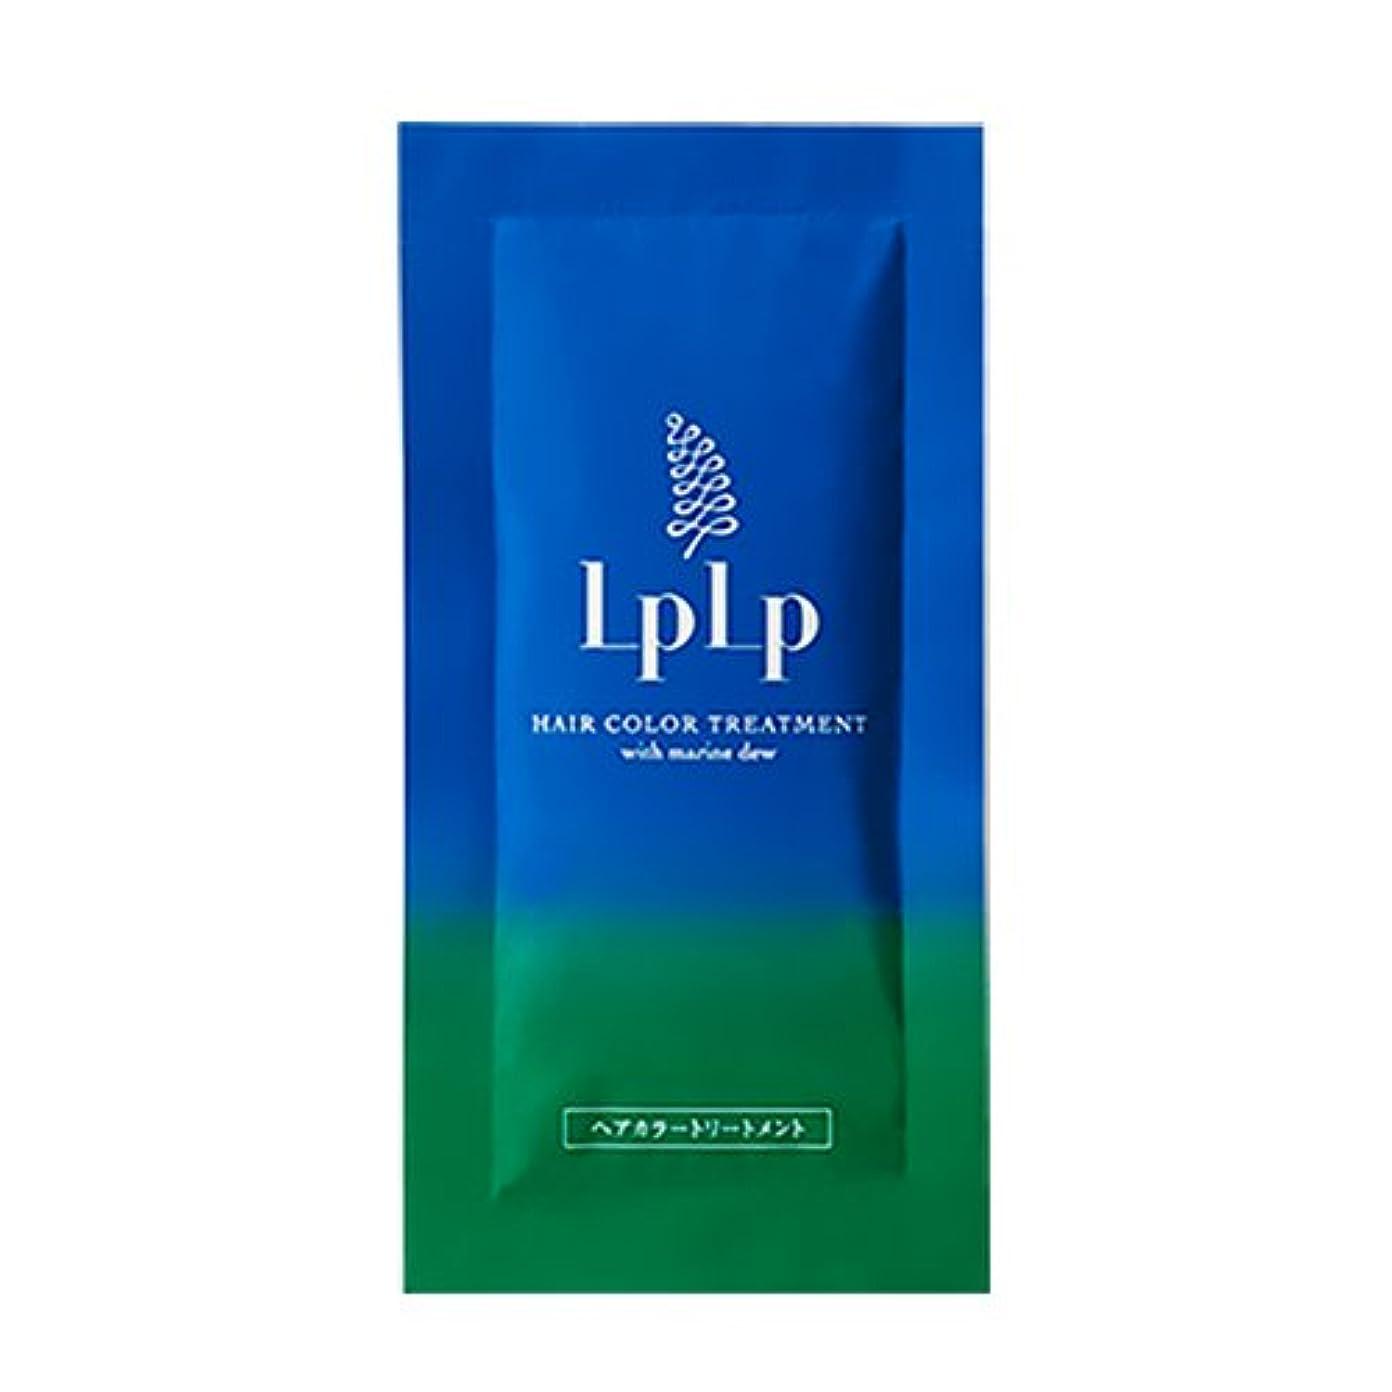 部不明瞭手を差し伸べるLPLP(ルプルプ)ヘアカラートリートメントお試しパウチ ソフトブラック